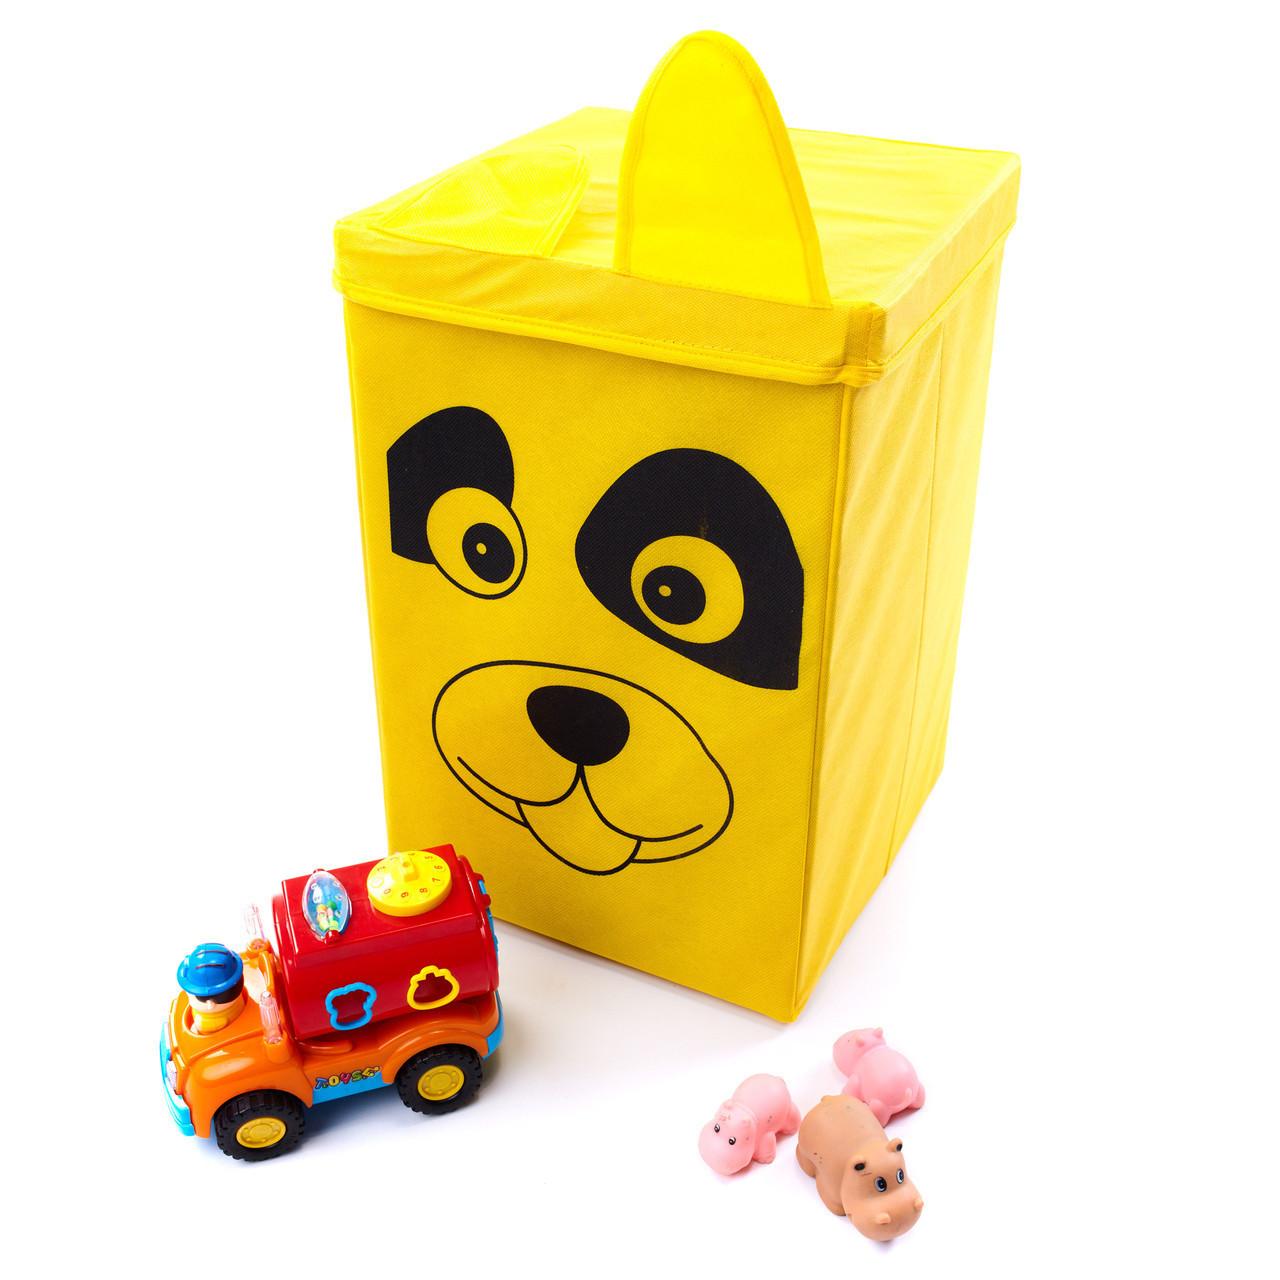 Детский ящик для игрушек без крышки Собака 35*35 см